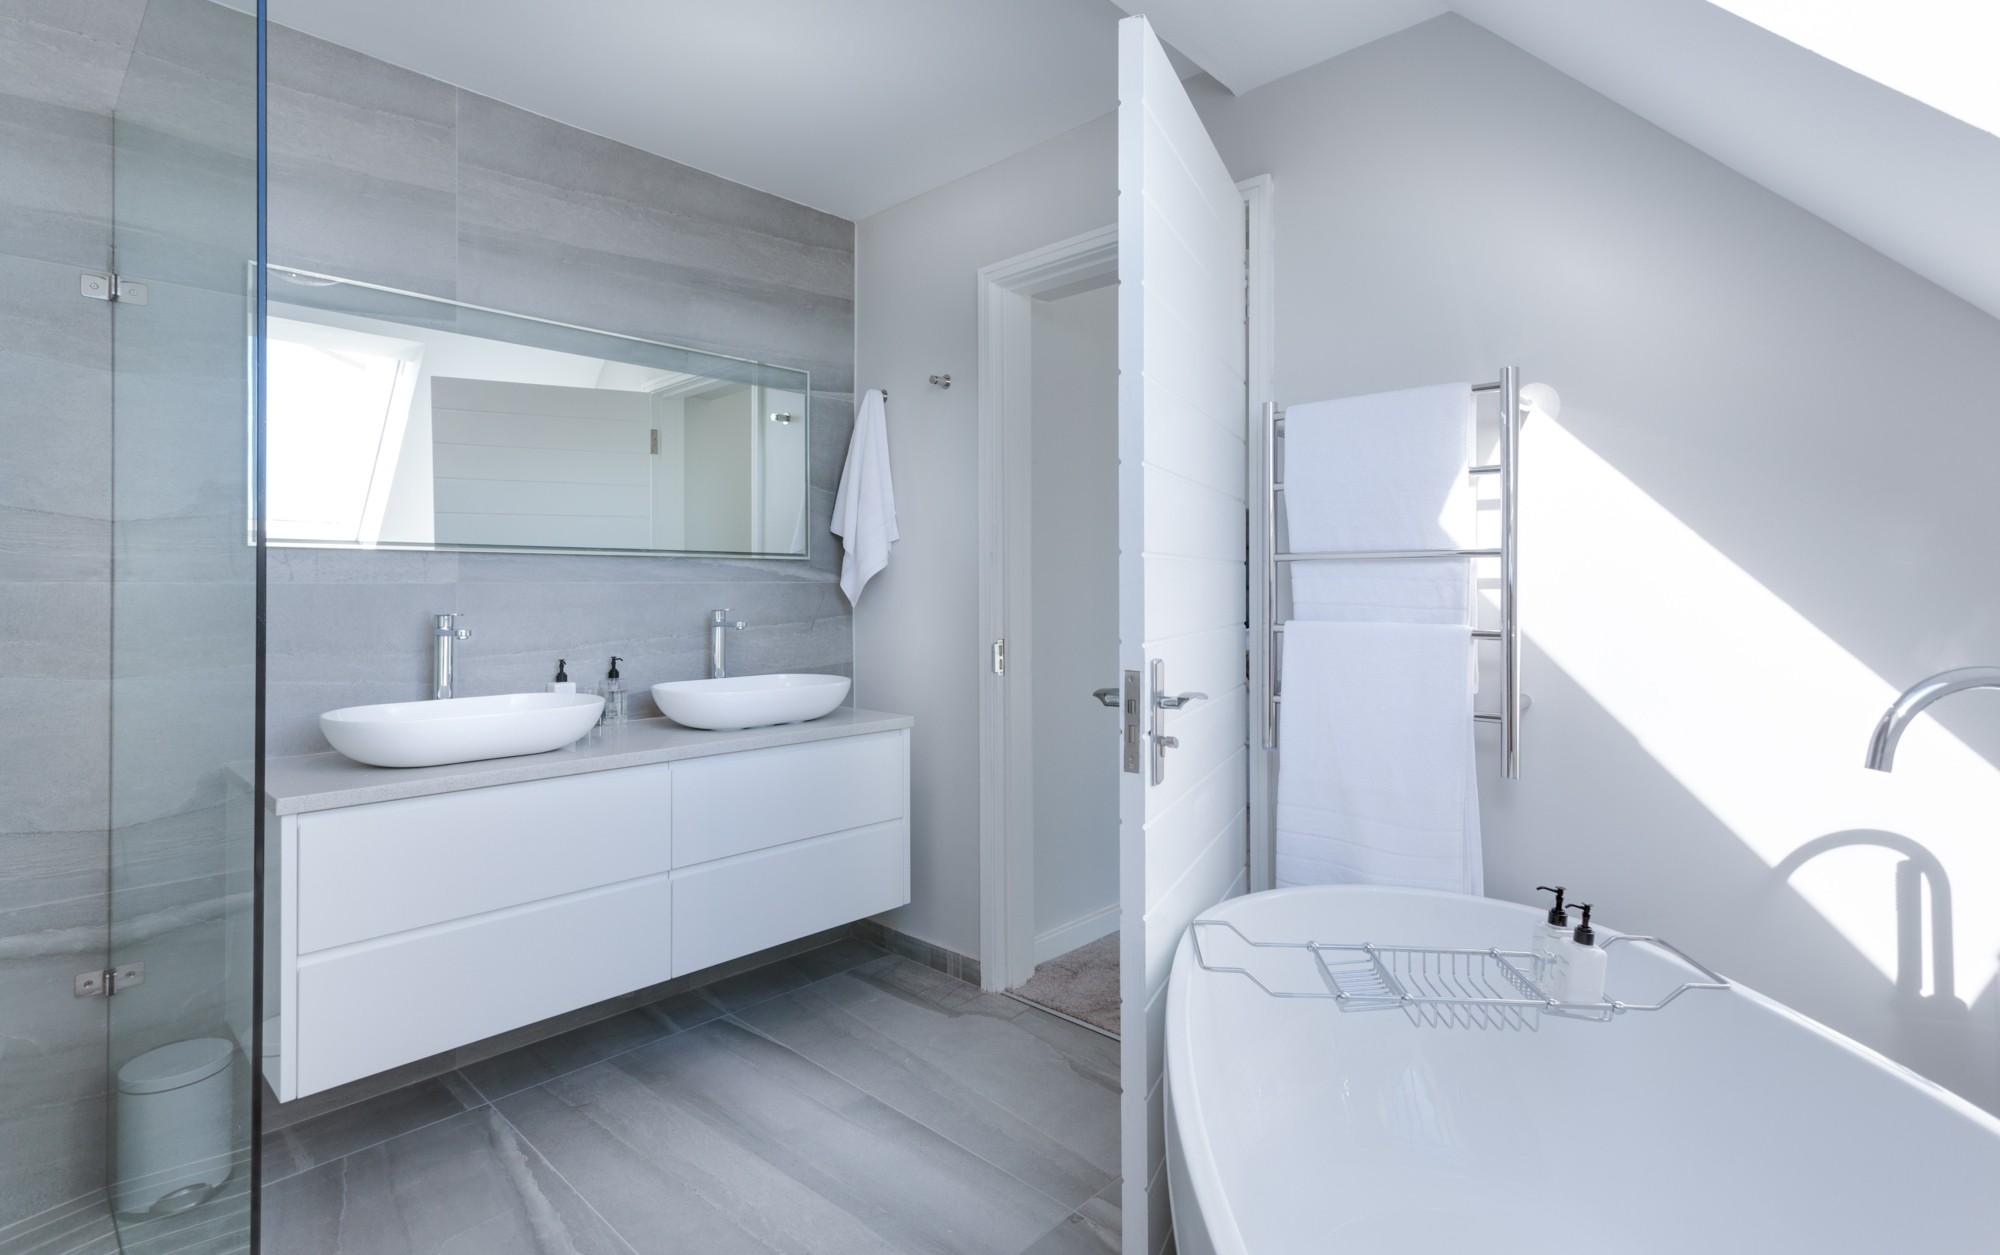 badkamer renoveren balen